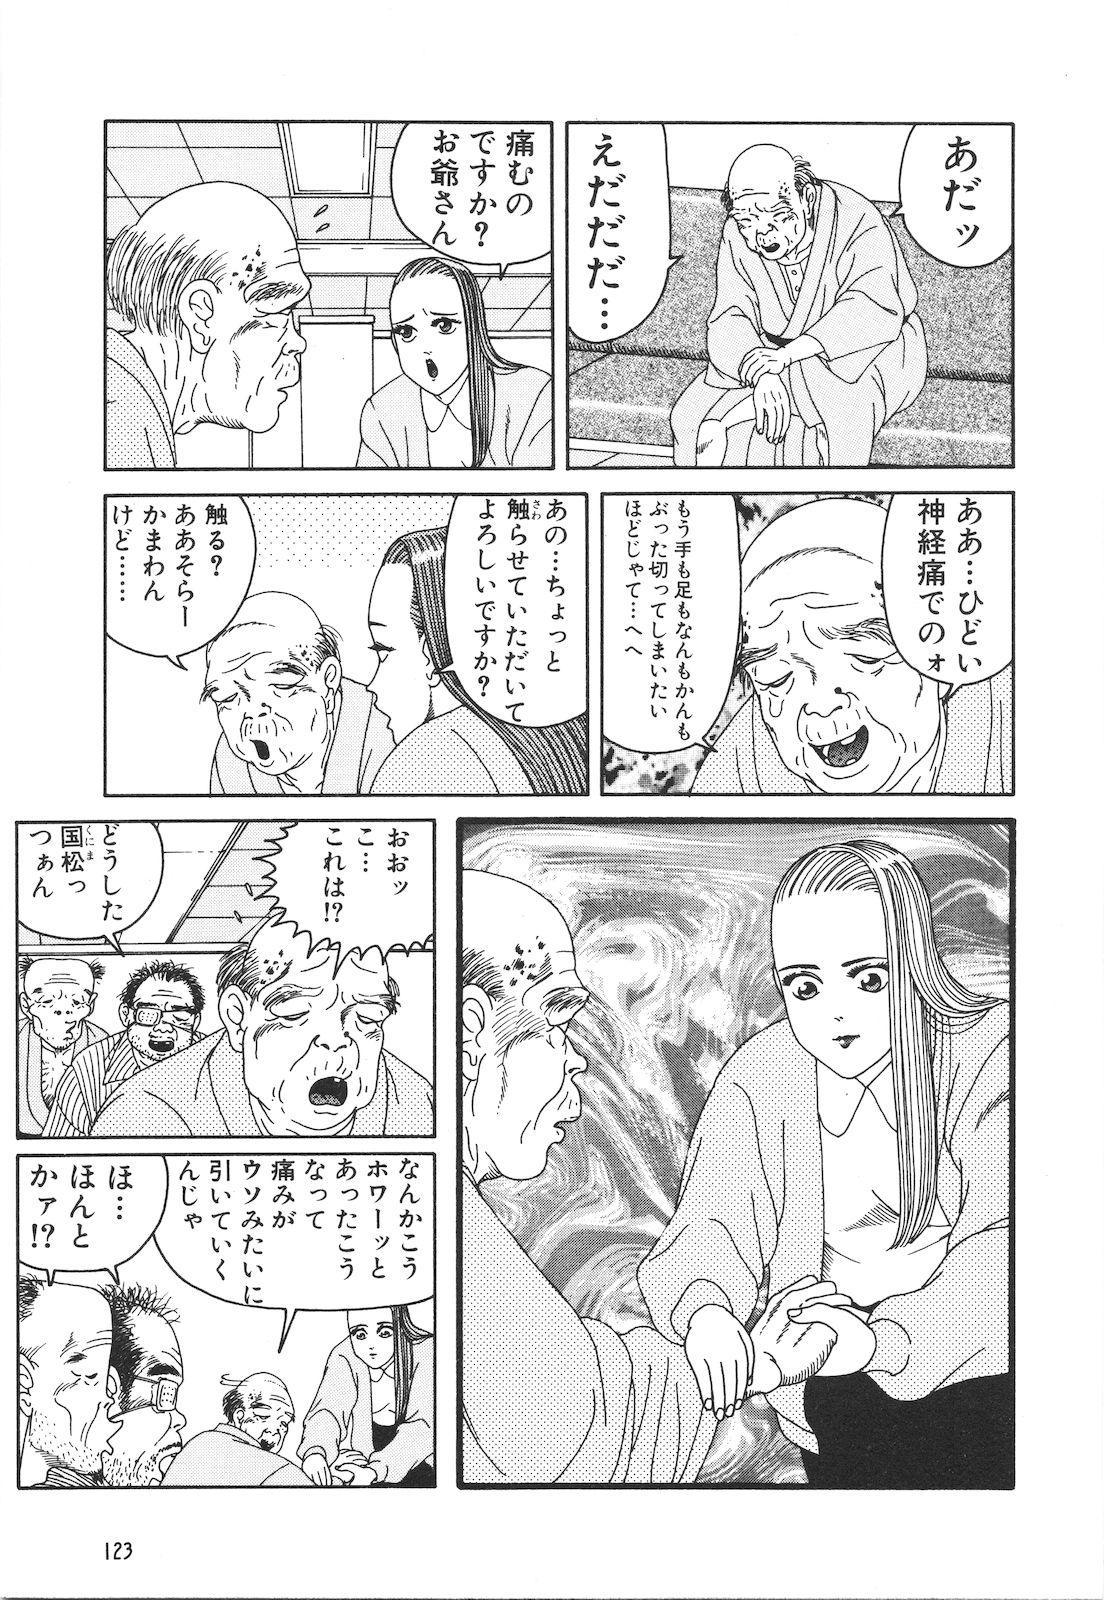 Dobusarai Gekijou 124